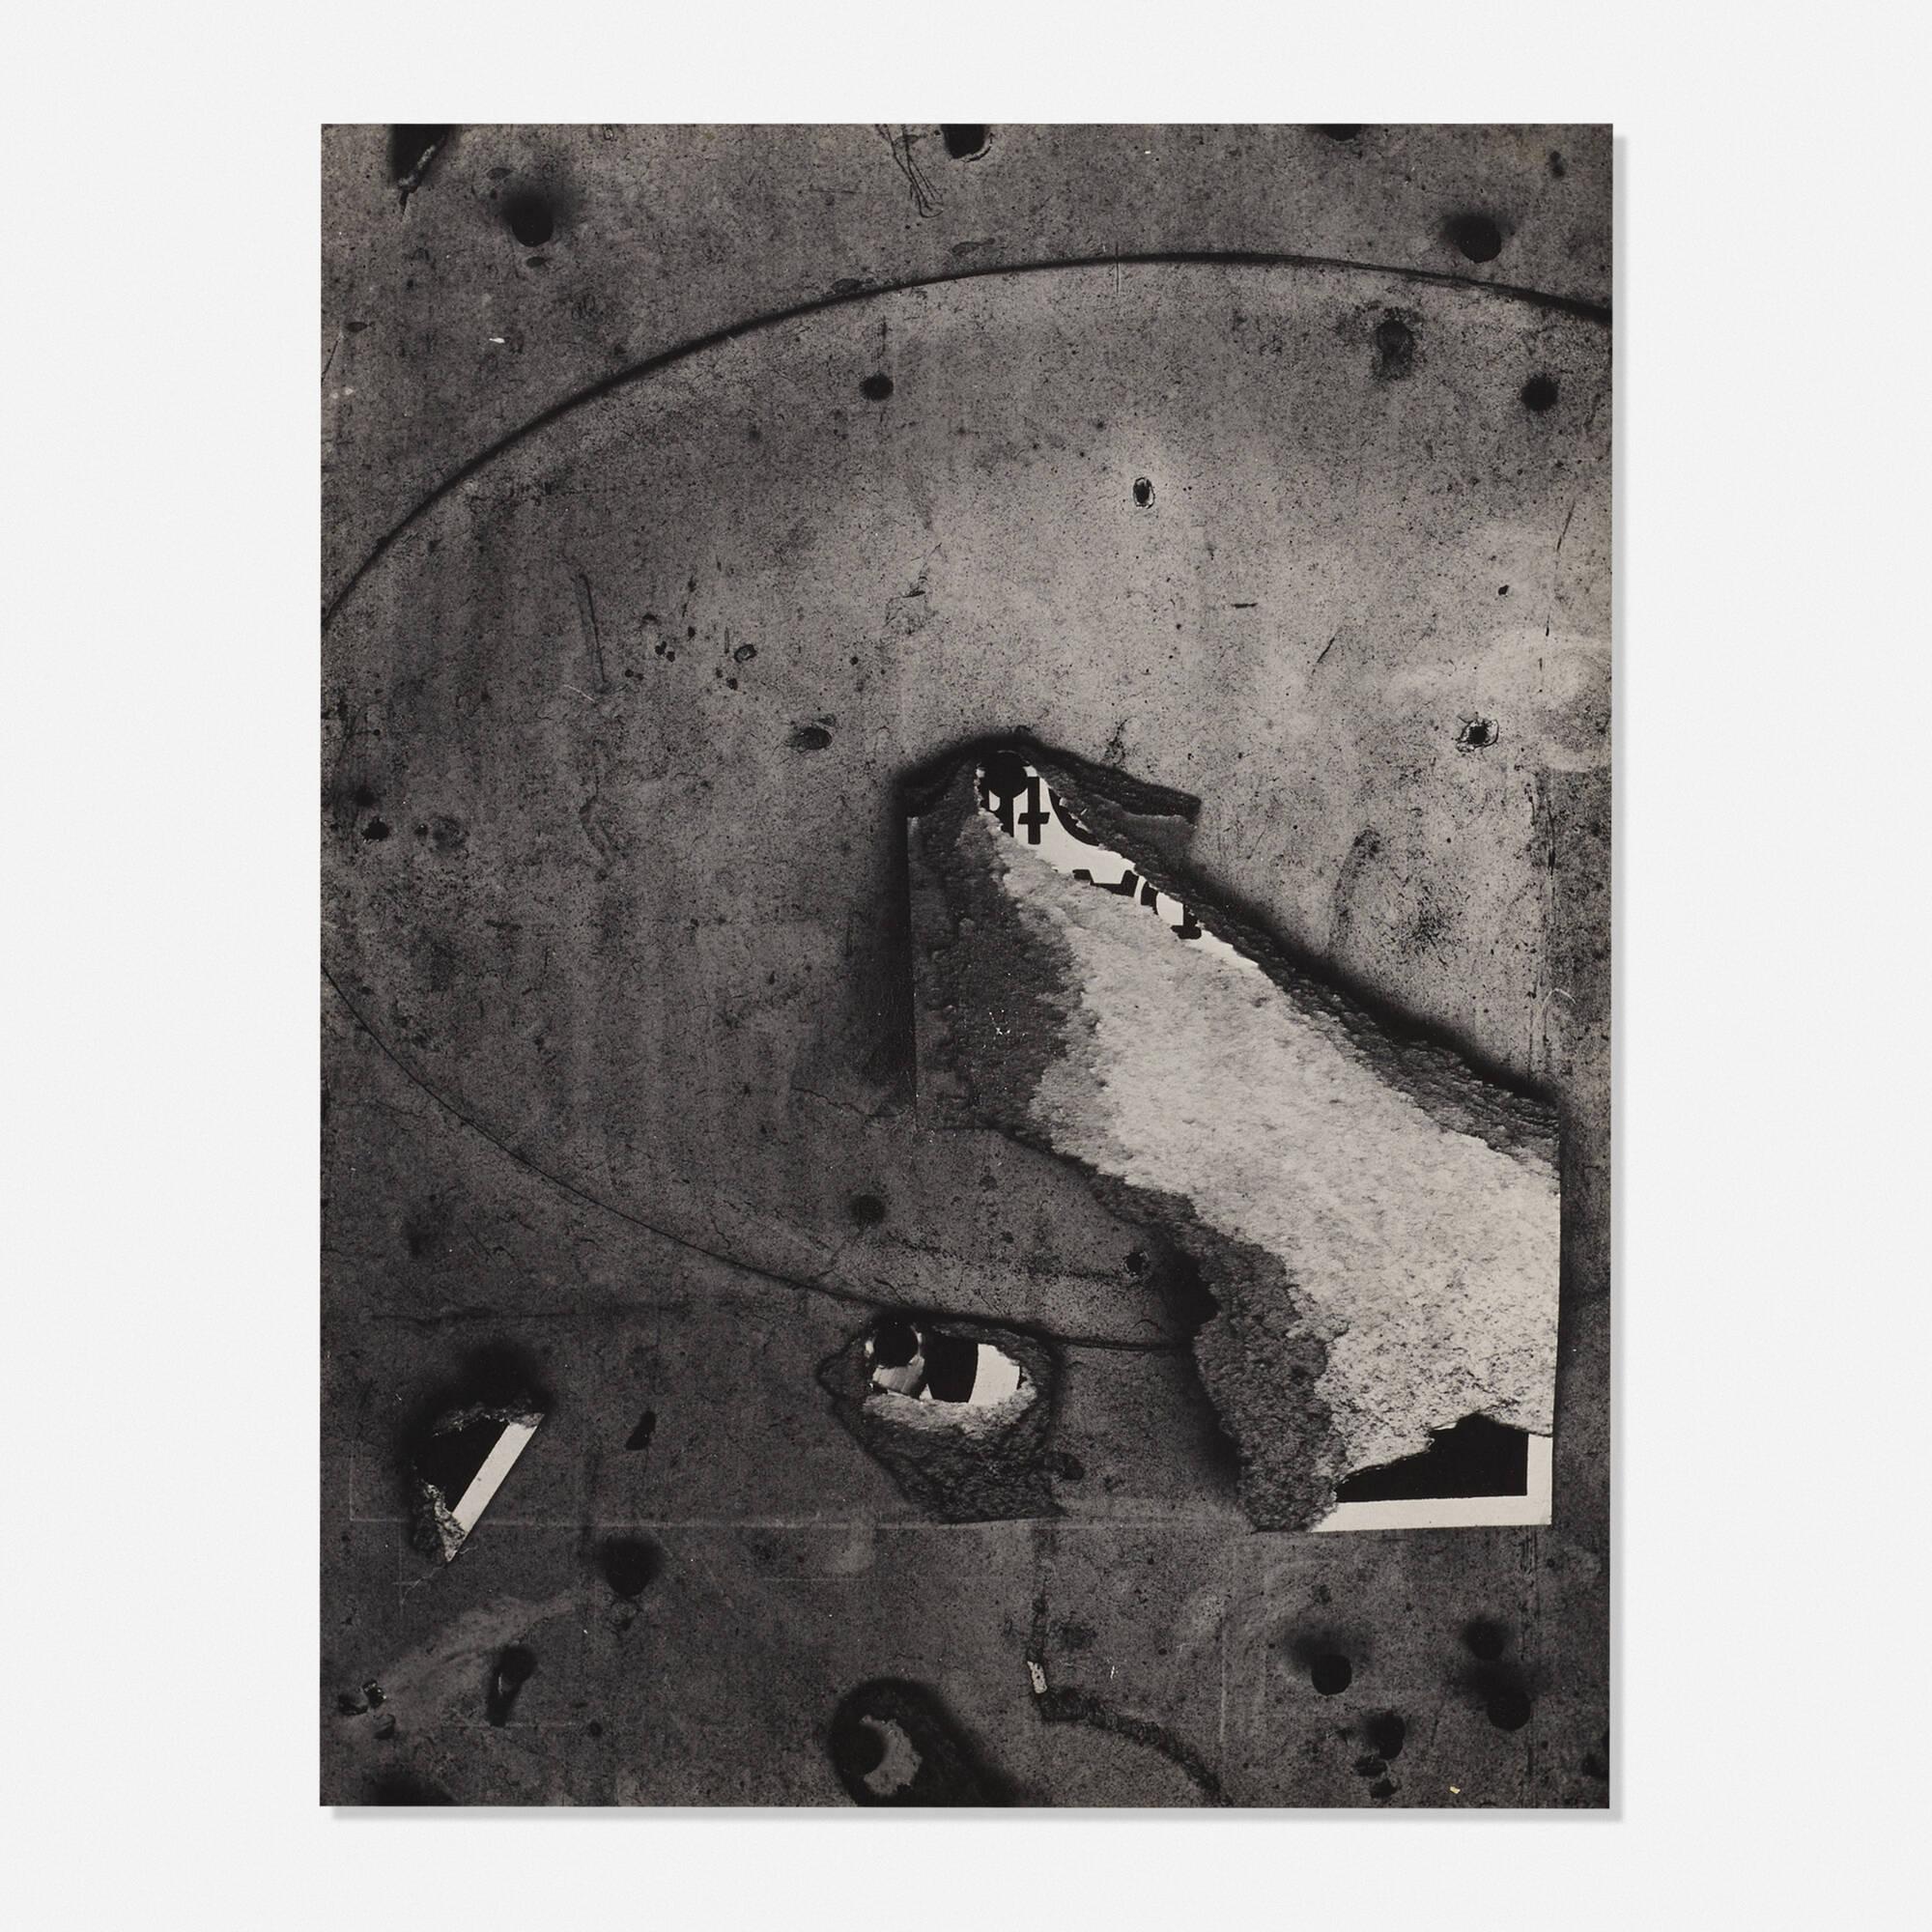 237: Aaron Siskind / Untitled (1 of 1)